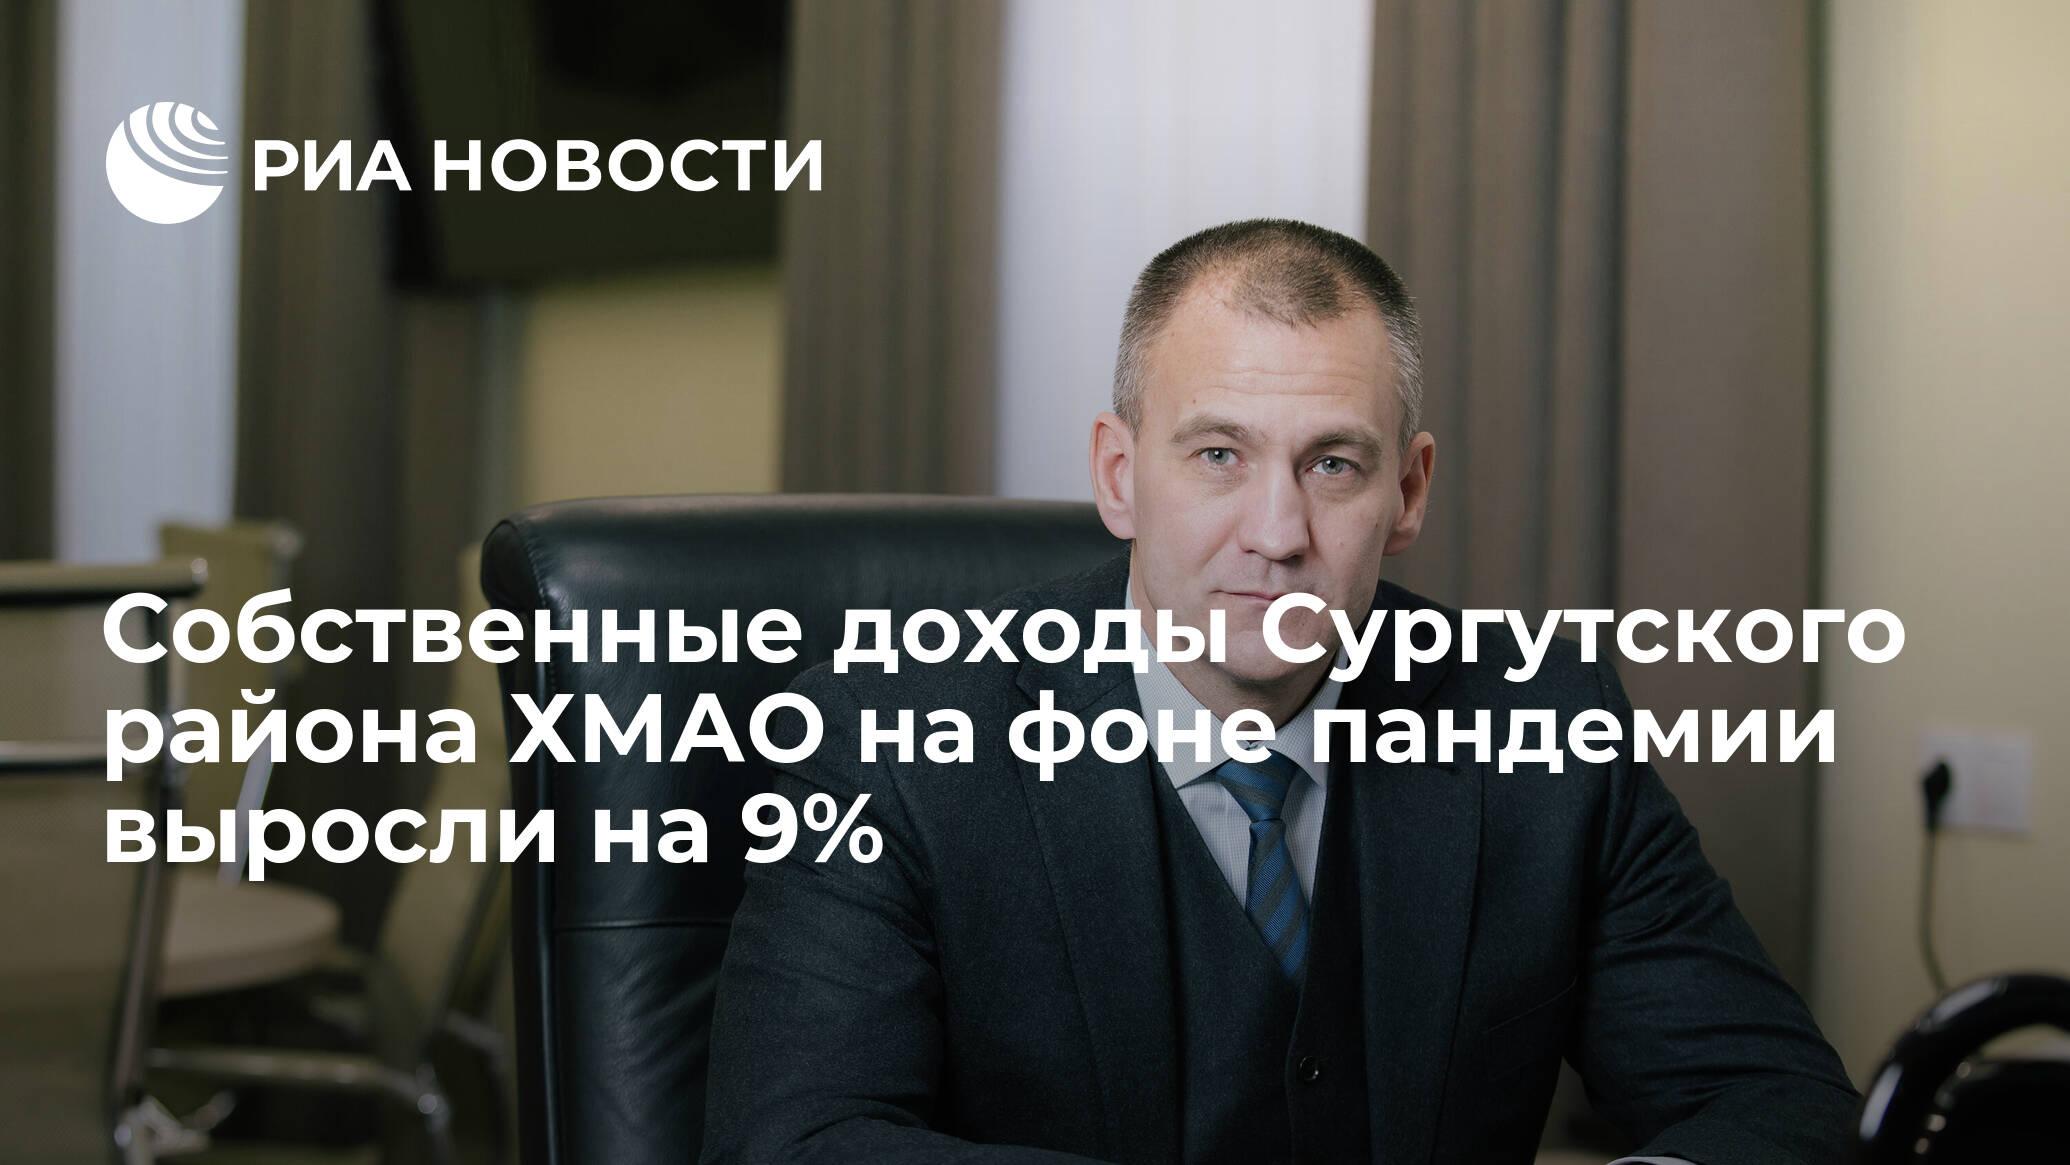 Собственные доходы Сургутского района ХМАО на фоне пандемии выросли на 9%